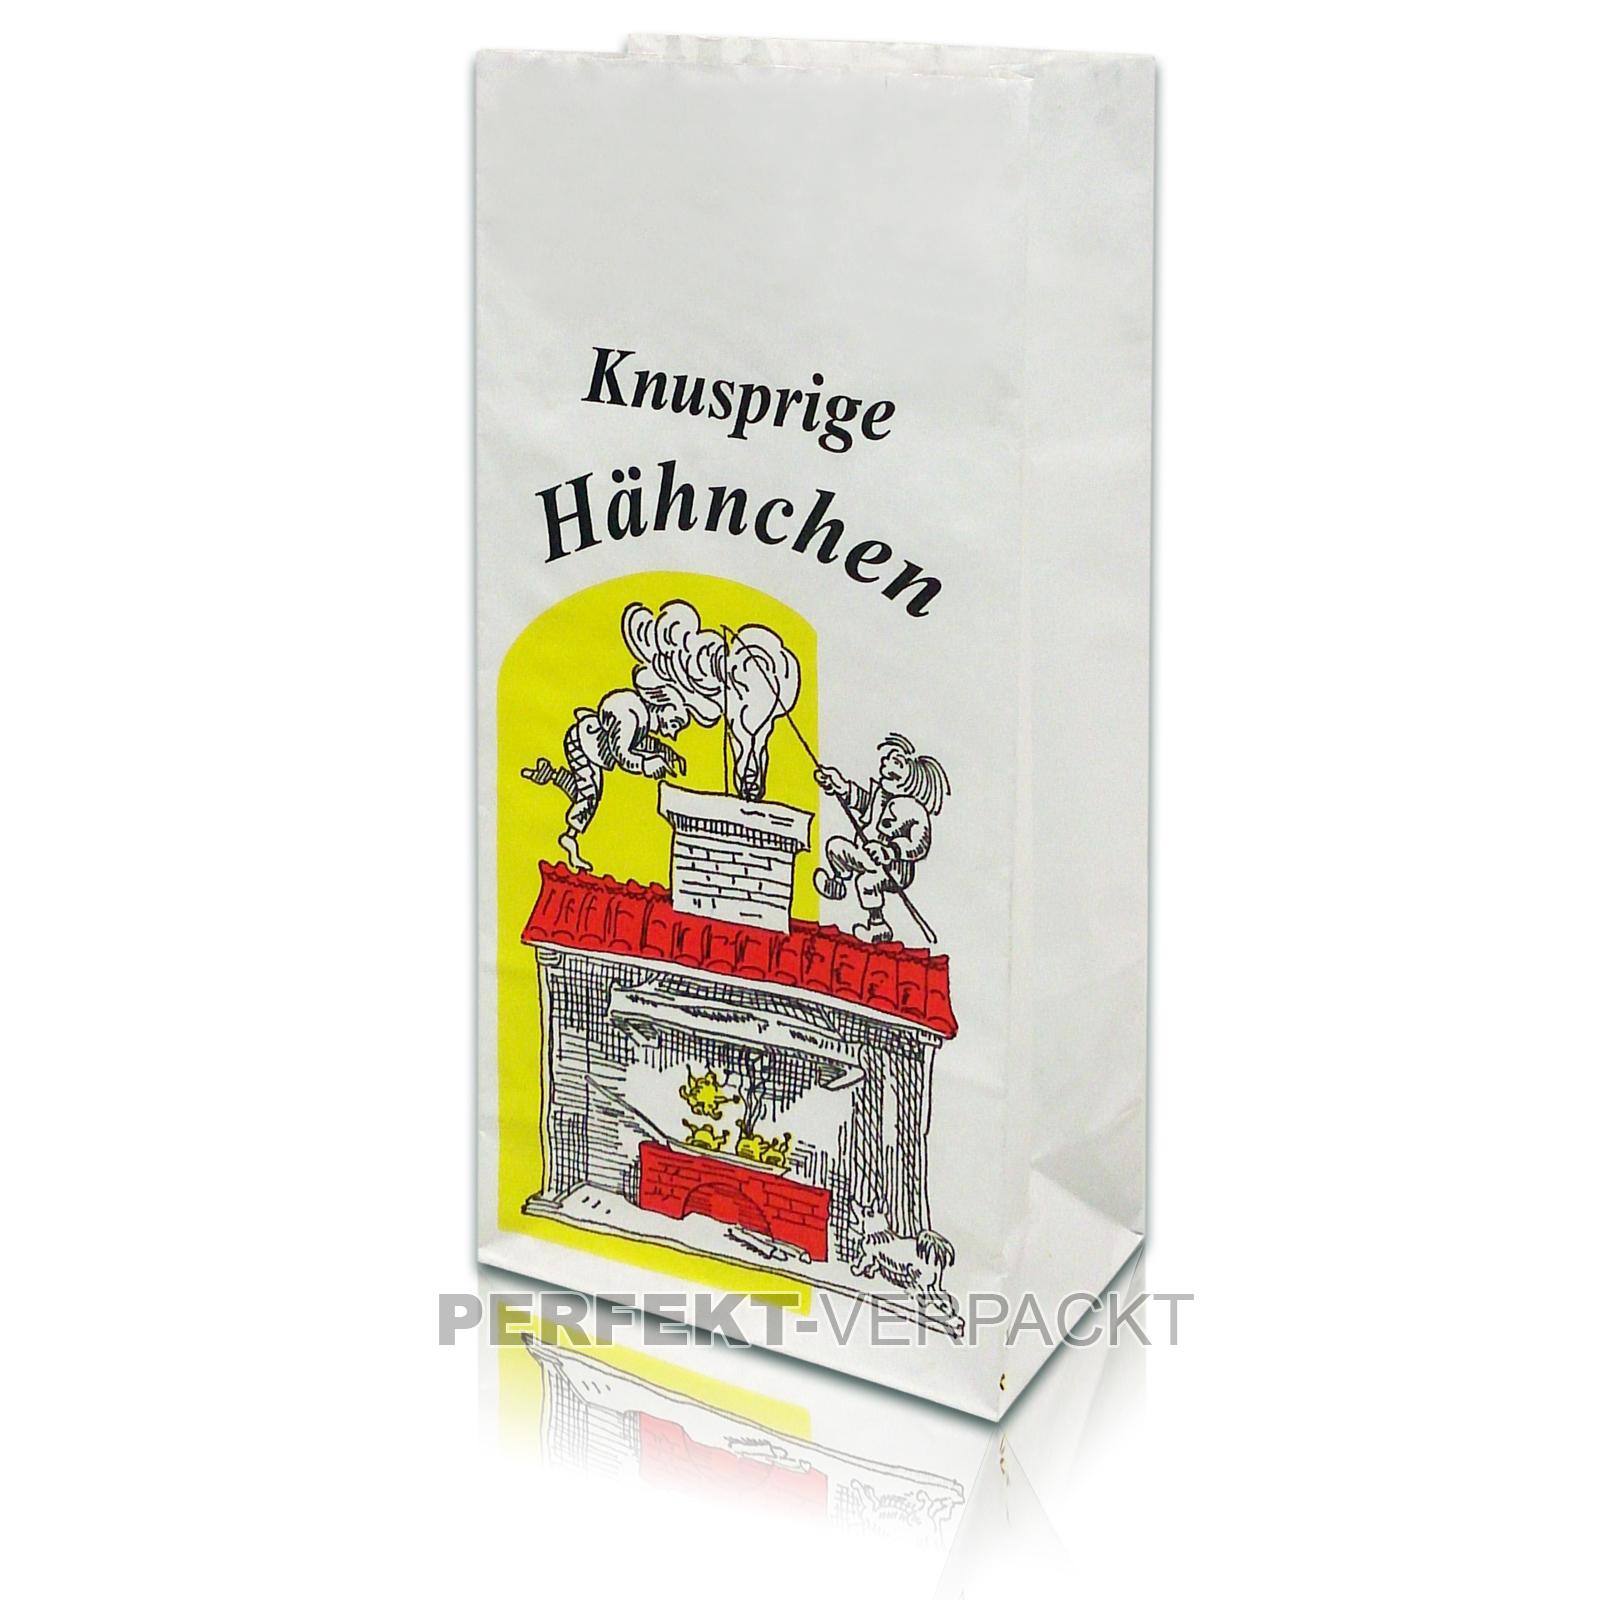 """1500 Warmhaltebeutel 1/2 Hähnchen 3-lagig """"Knusprige Hähnchen"""""""